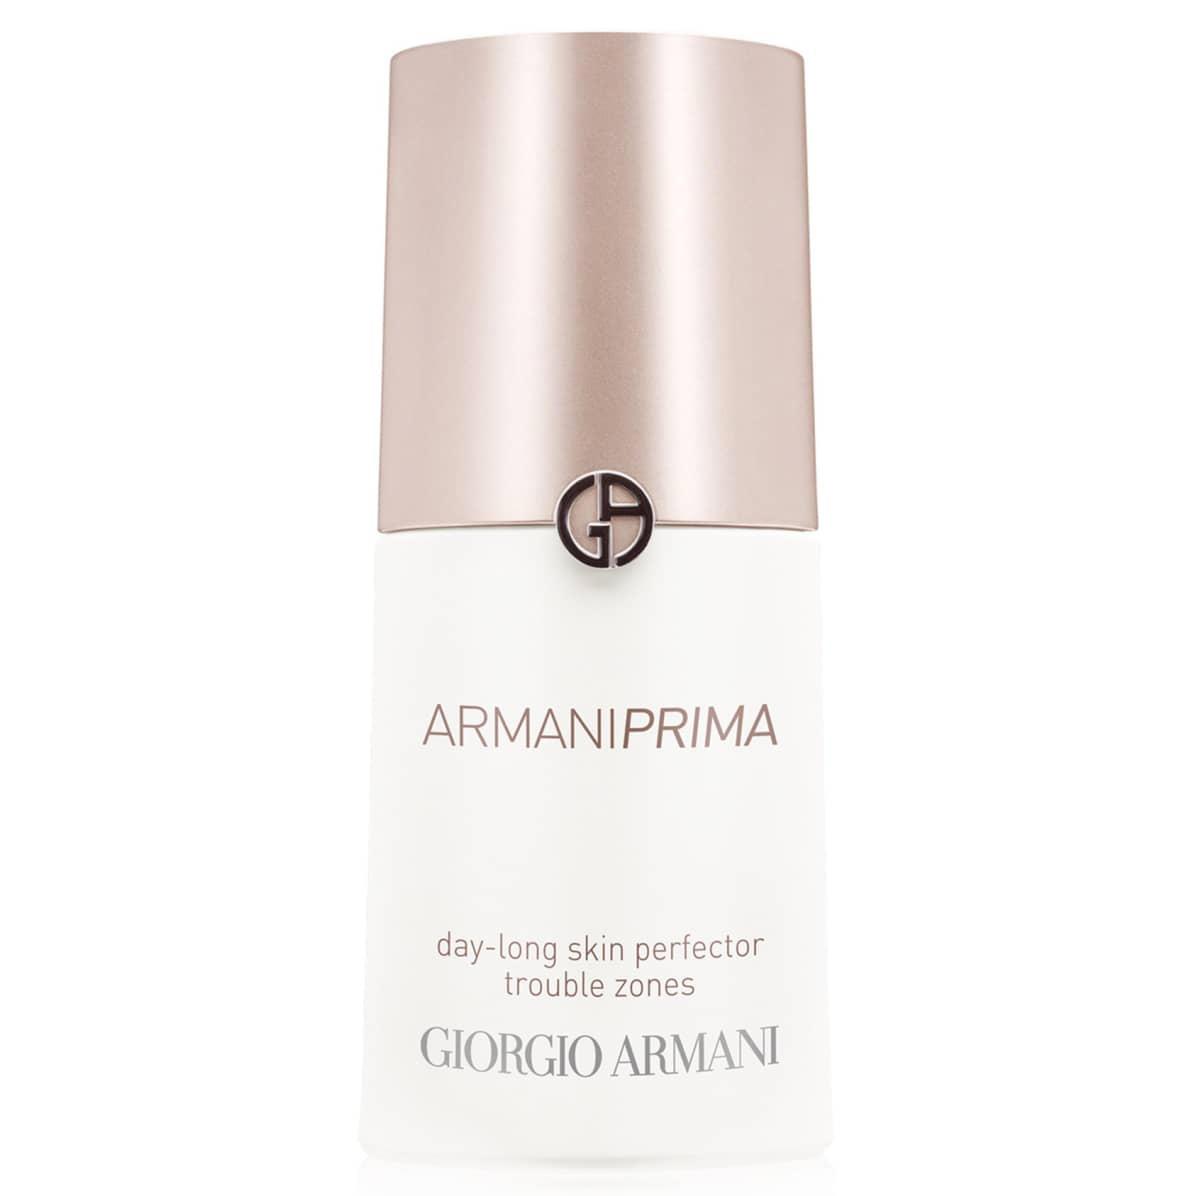 Giorgio Armani Prima Day Long Skin Perfector Trouble Zones